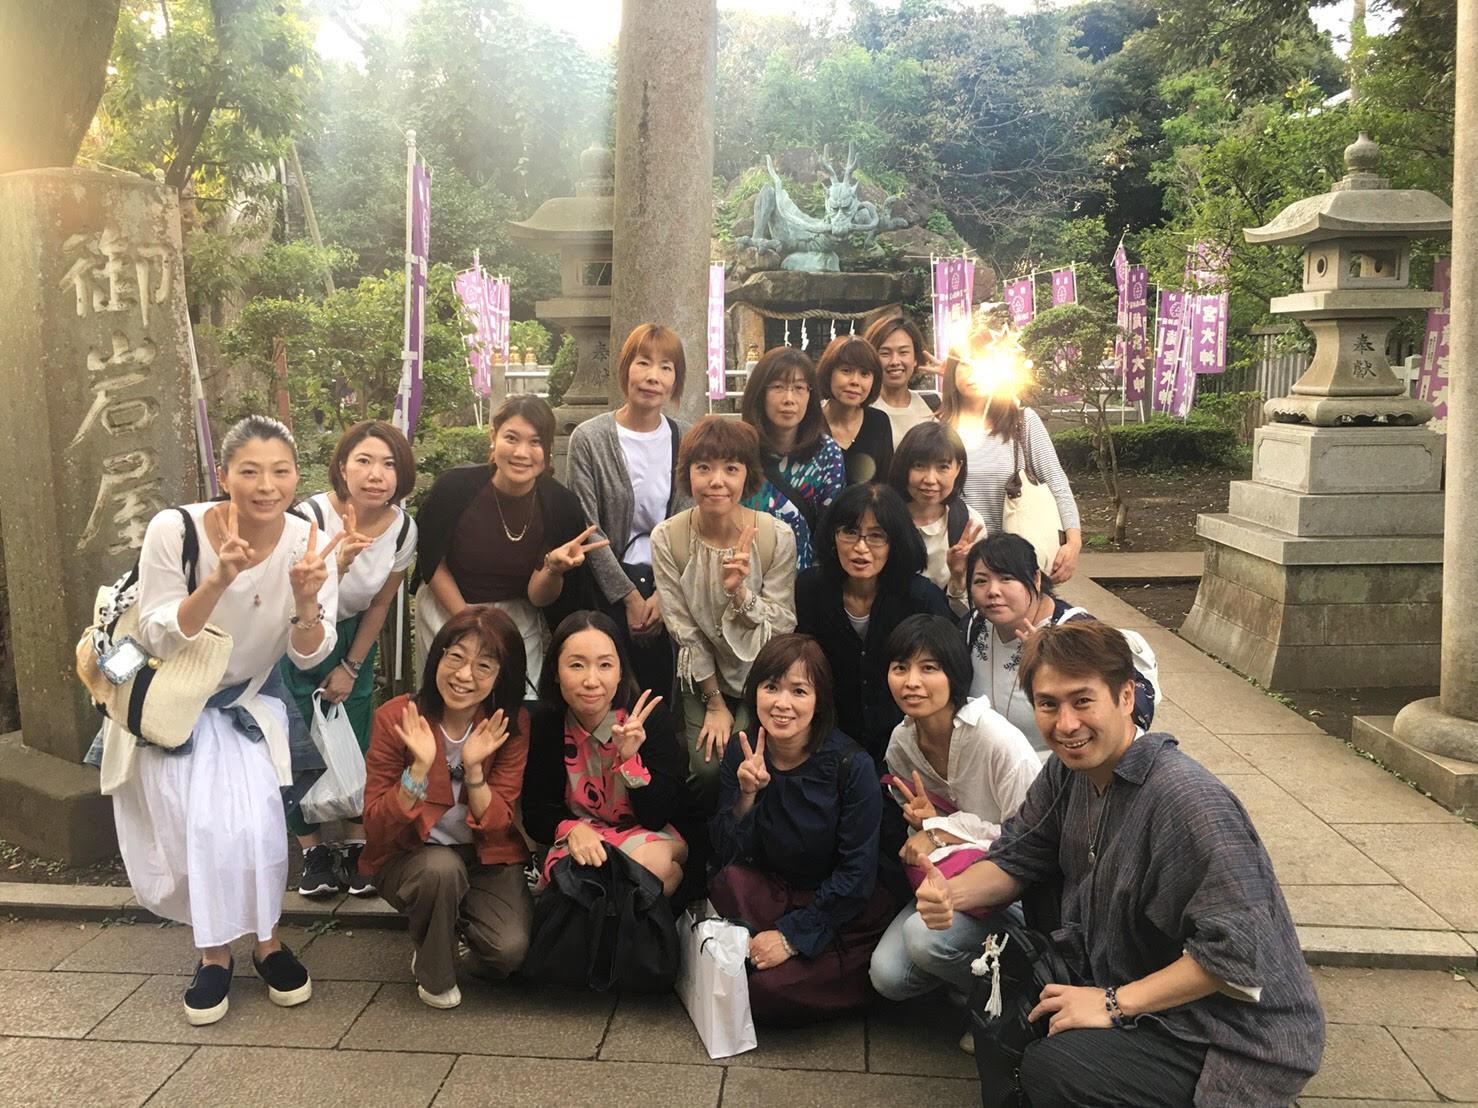 SHINGOの江ノ島ツアー